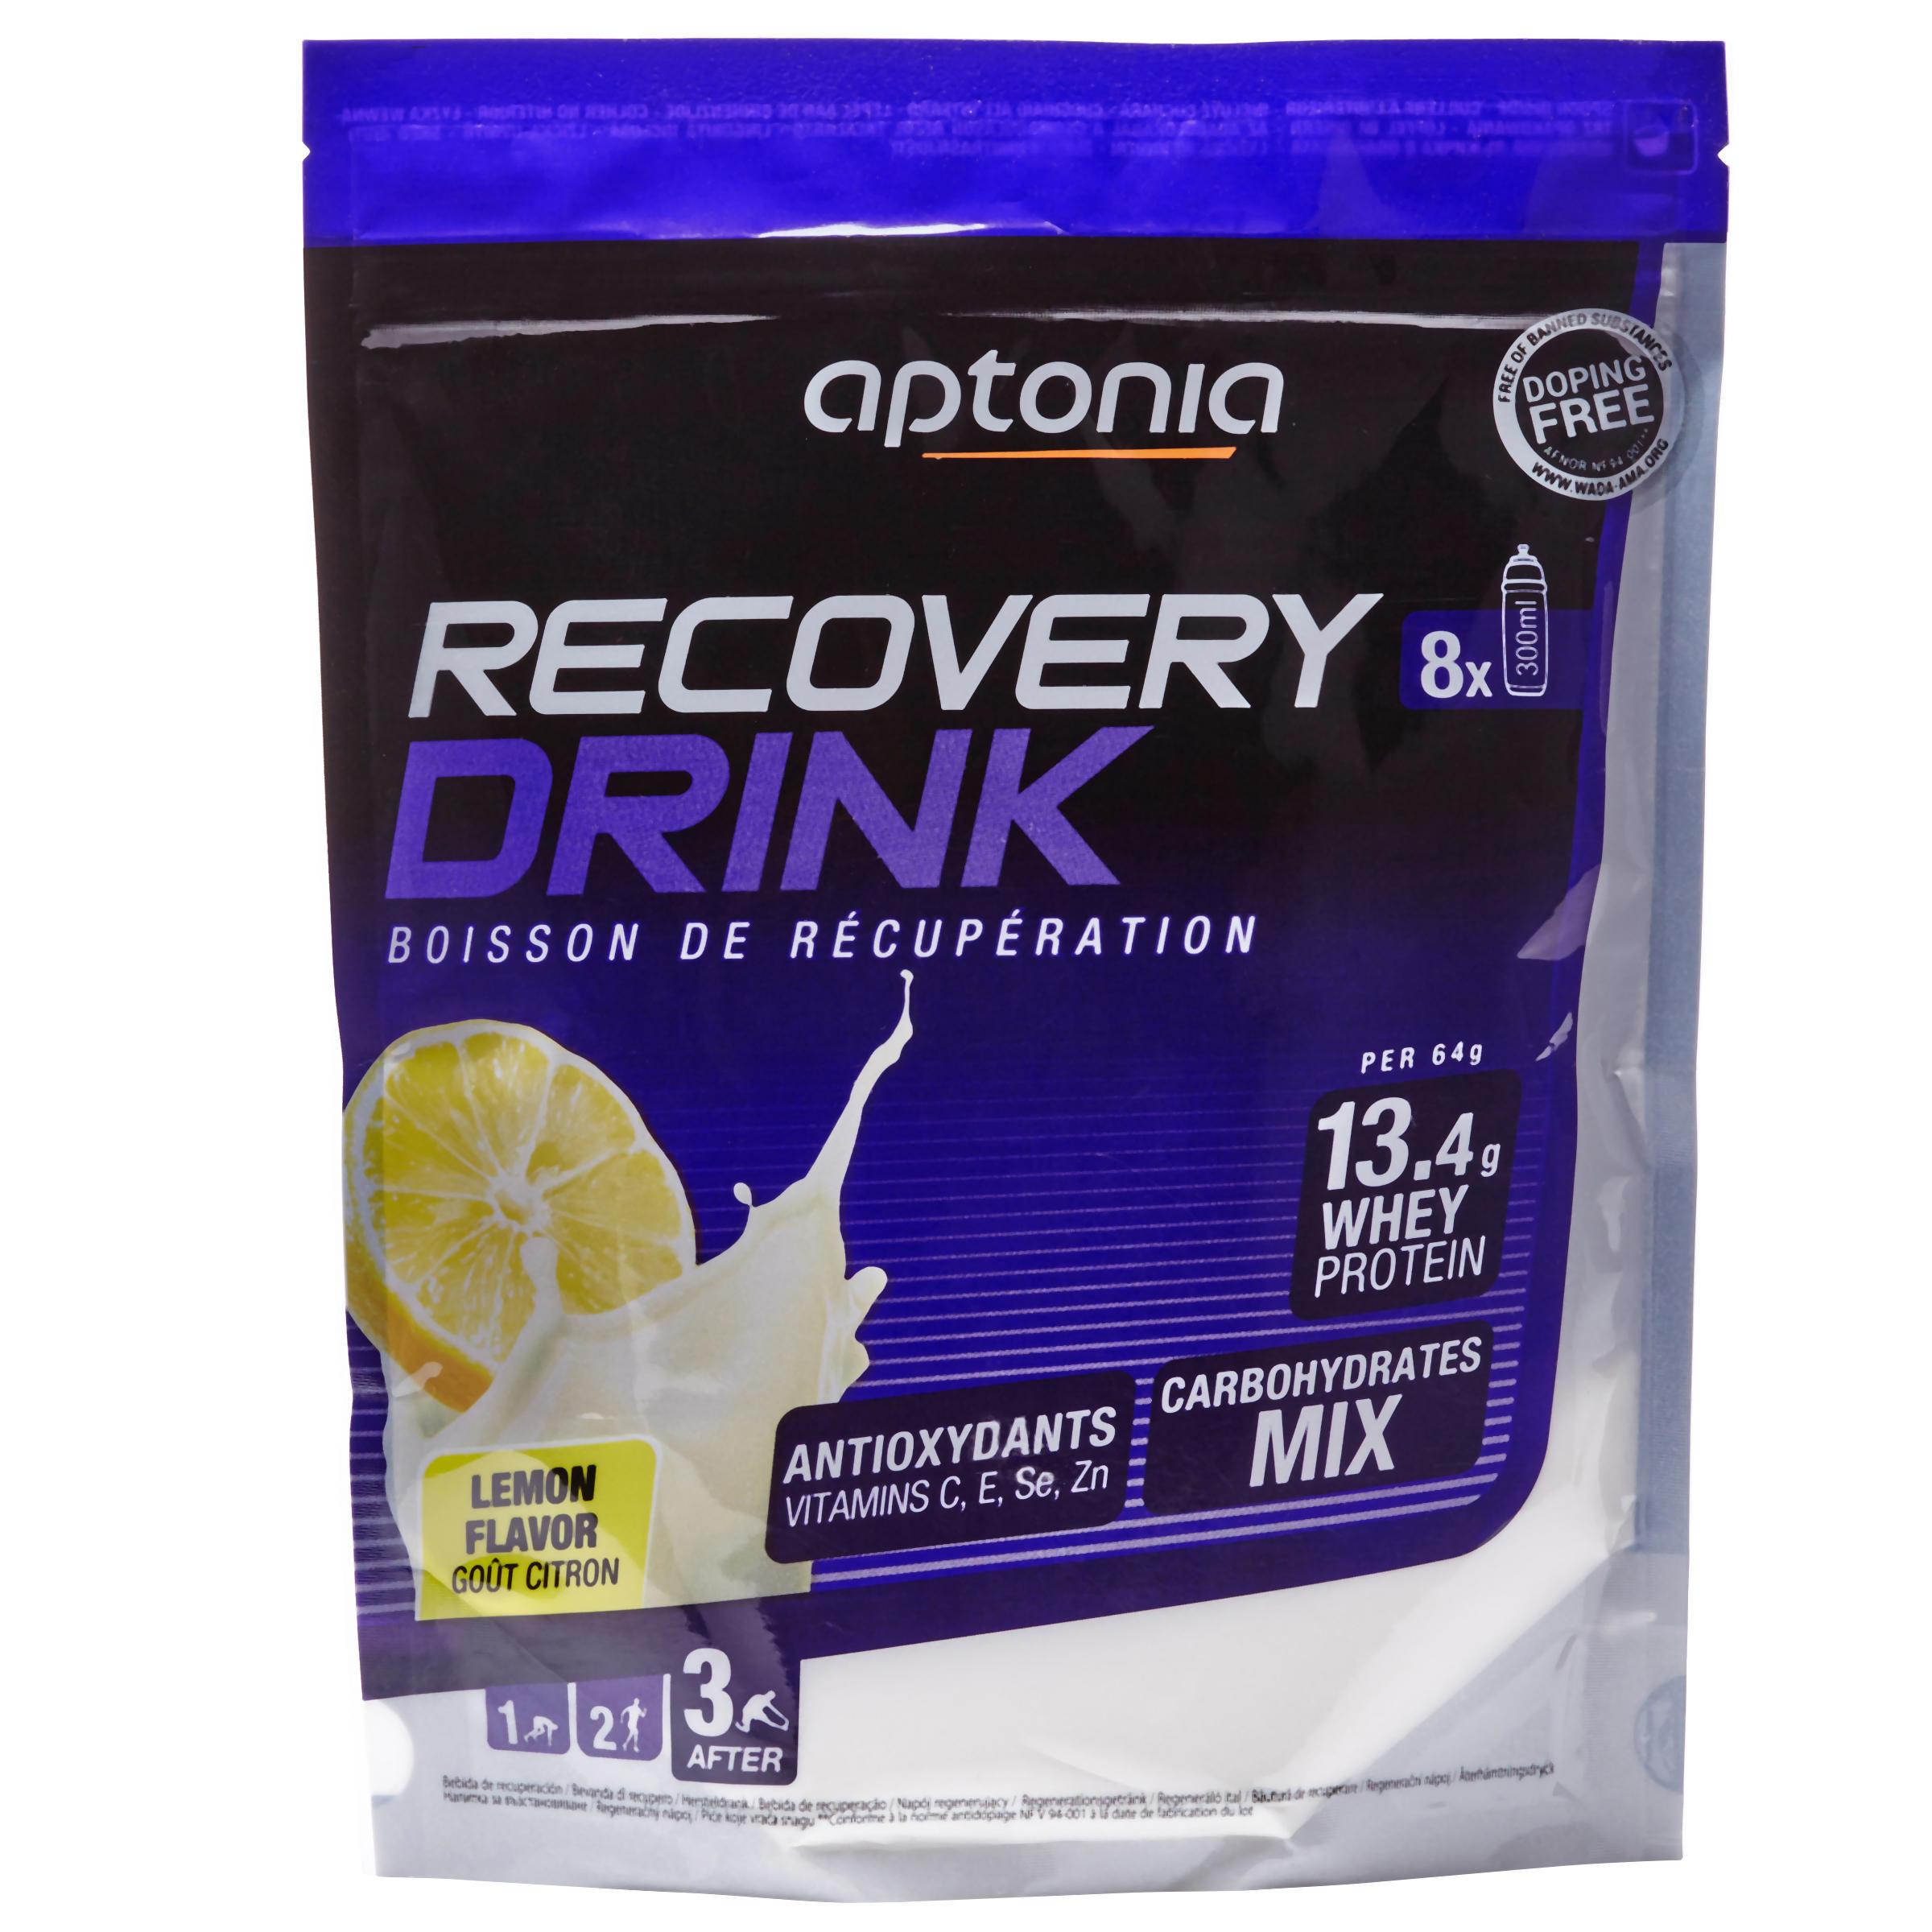 Aptonia Poederbereiding voor recuperatiedrank Recovery Drink citroen 512 g